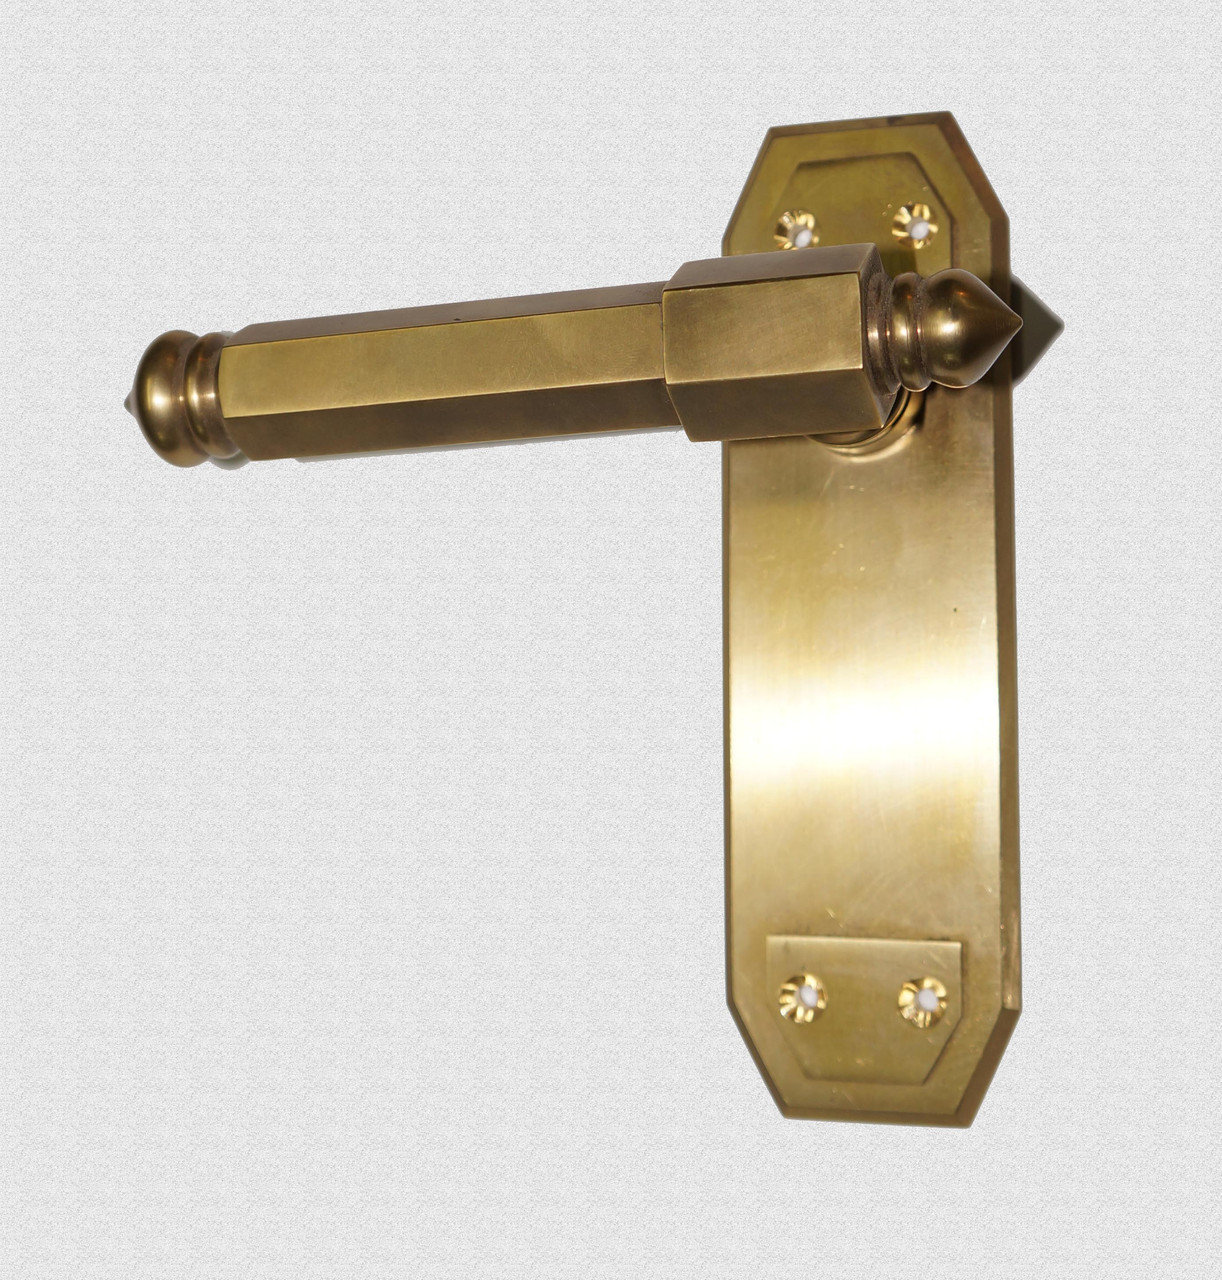 Ручка дверная поворотная Шестигранная на пластине, арт: 02-036